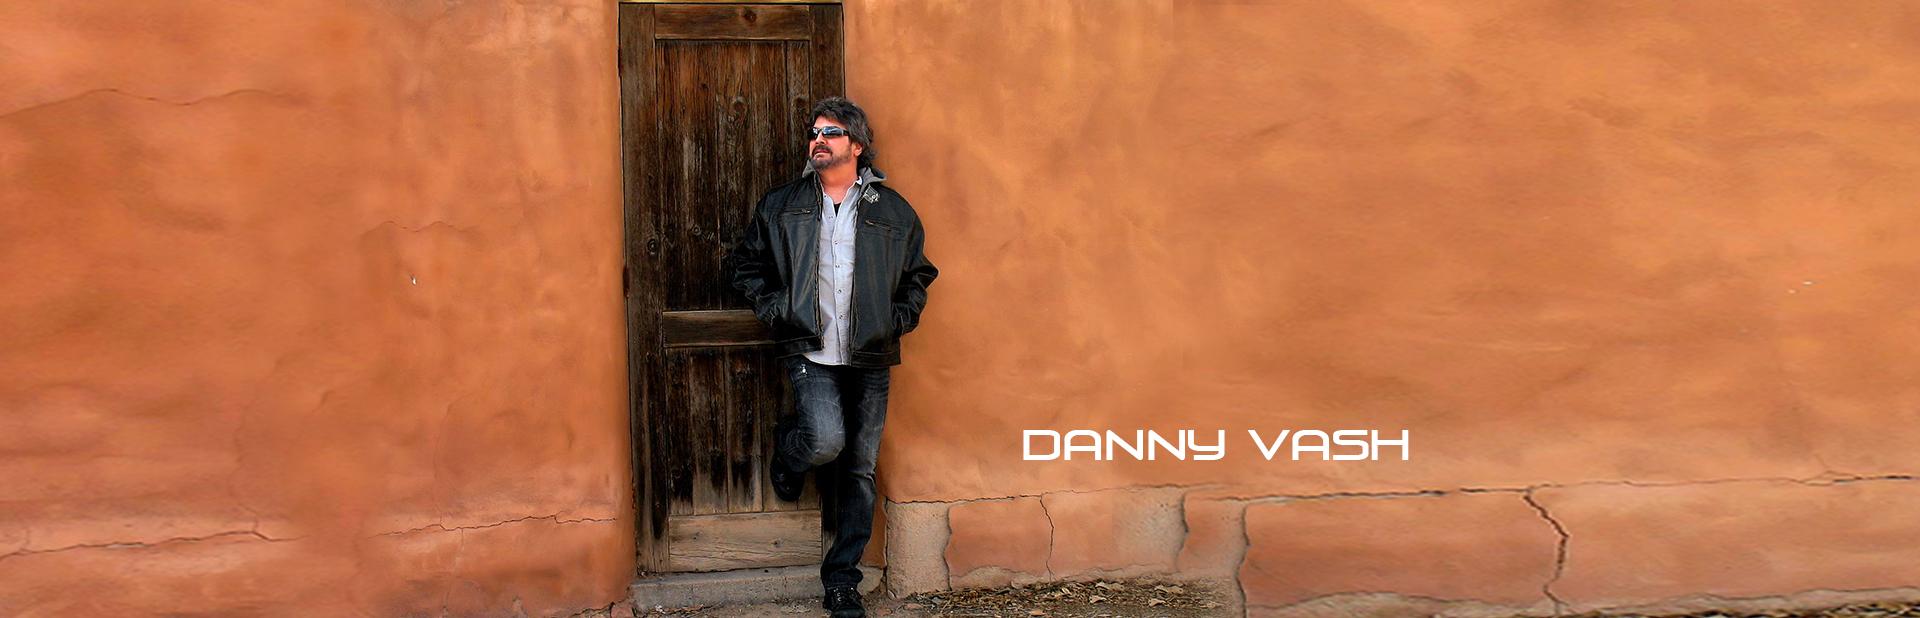 Danny Vash